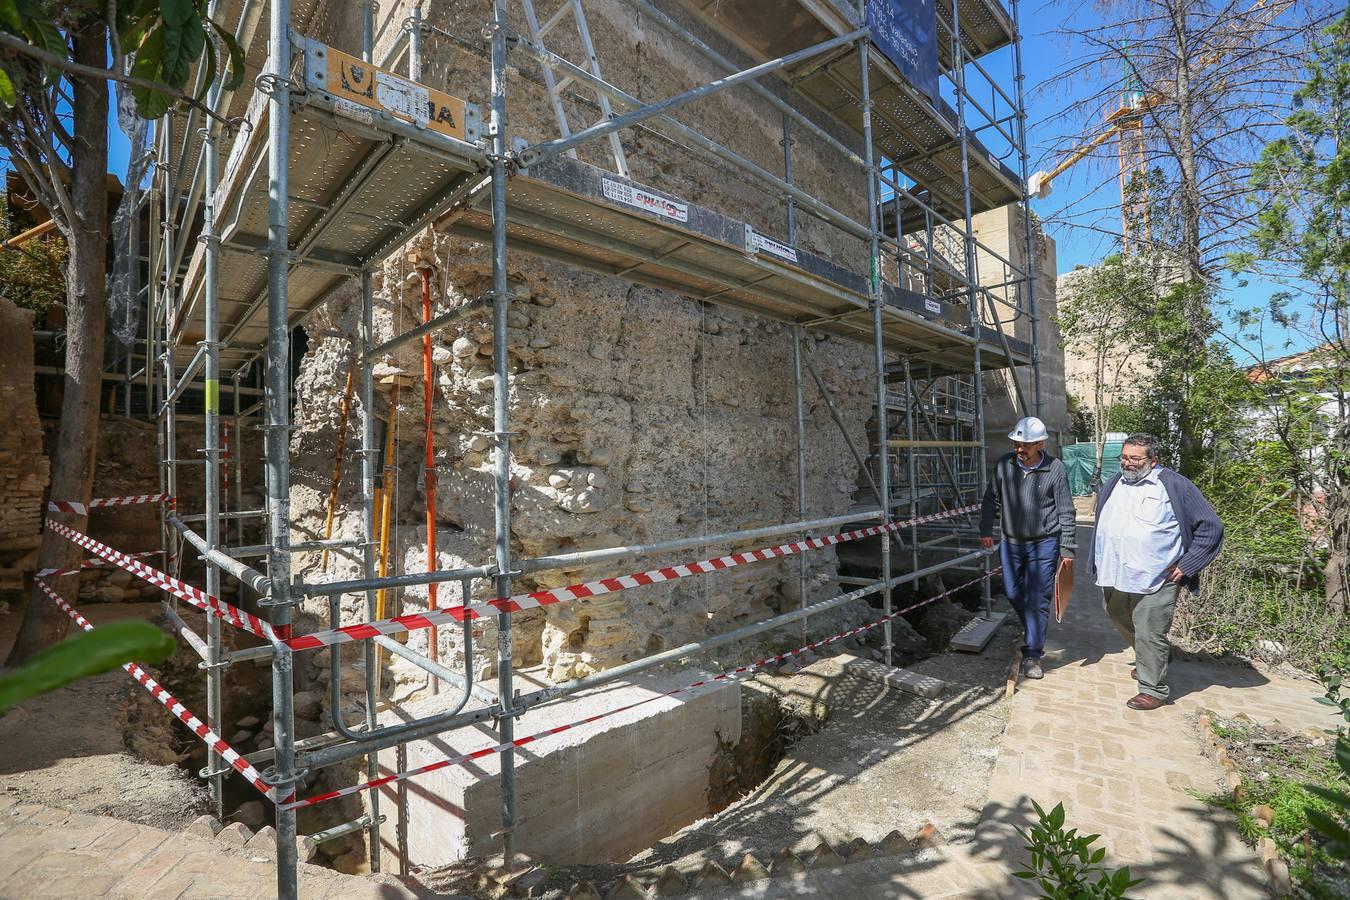 Granada recupera el paseo sobre la milenaria muralla Zirí del Albaicín